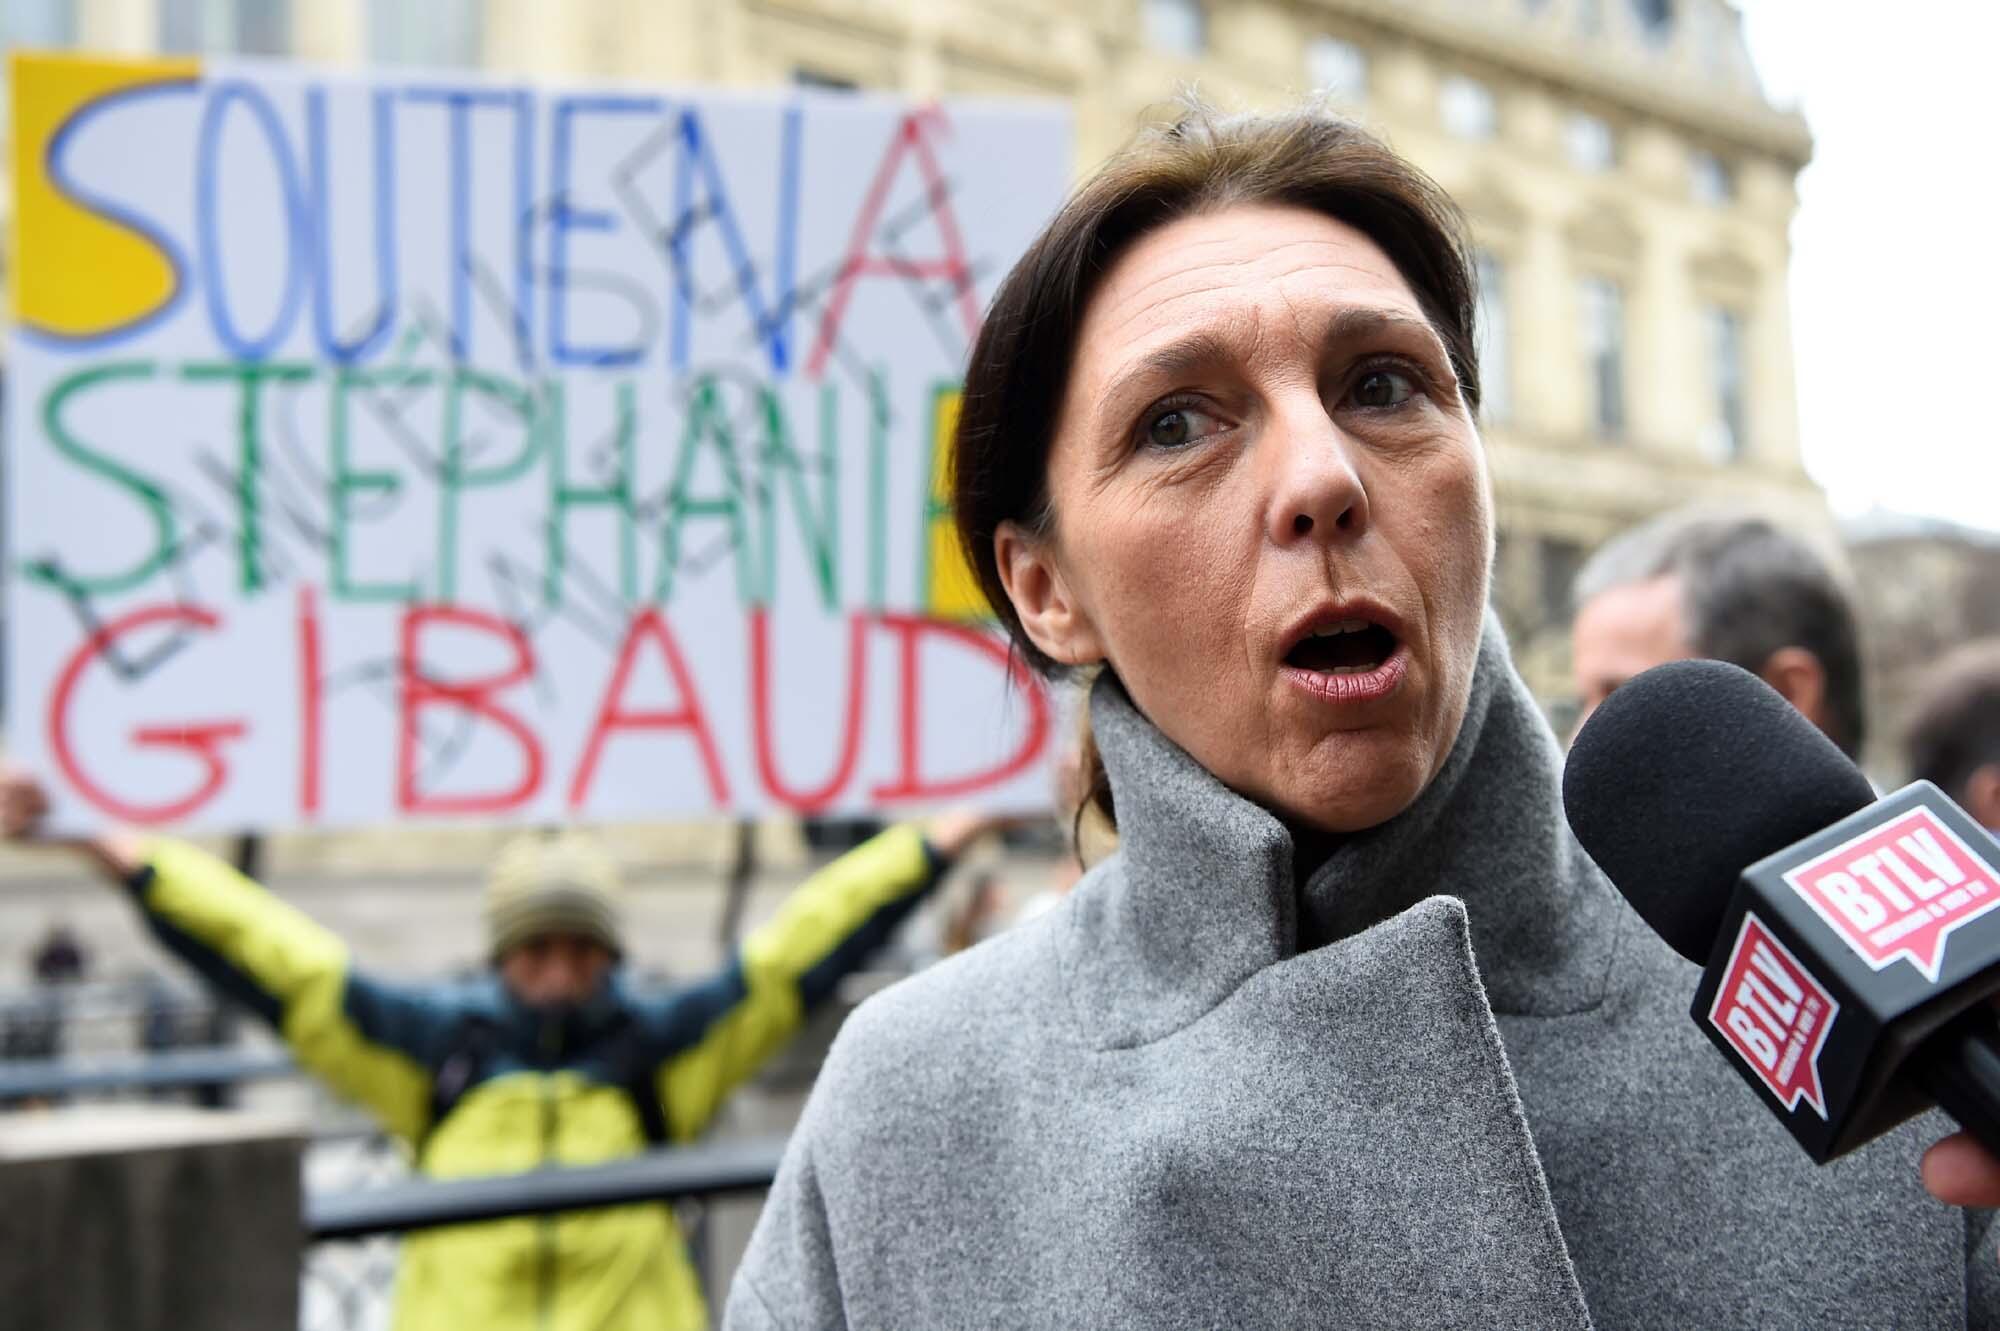 La lanceuse d'alerte Stephanie Gibaud a été poursuivie en justice par son ancien employeur, UBS, pour plusieurs sections de son livre «La femme qui savait trop», où elle dénonçait les activités d'évasion fiscale de la banque. Le 2 février 2017 à Paris.